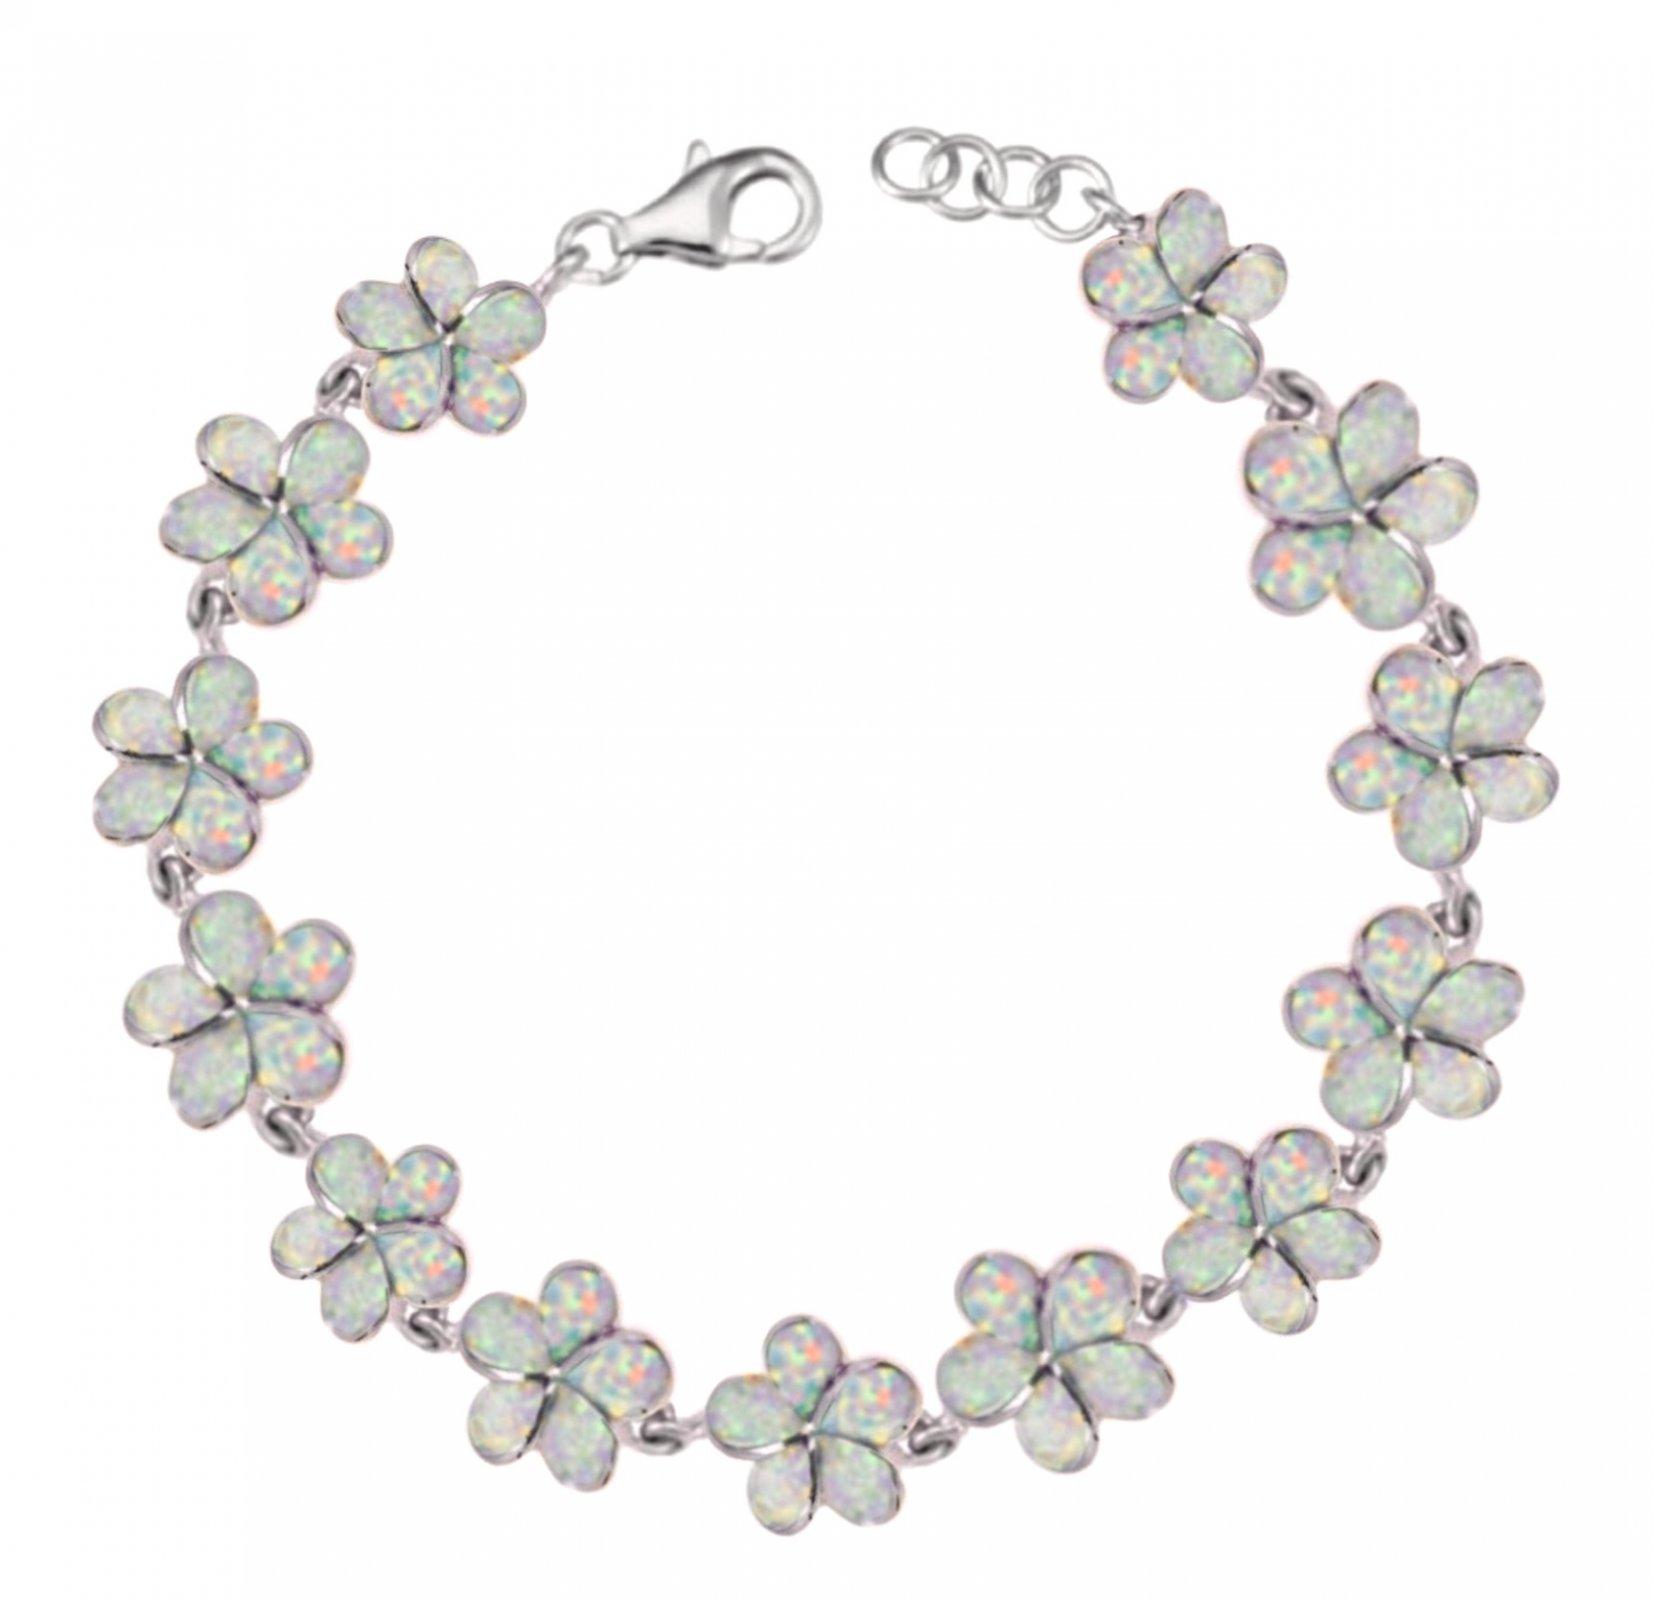 Opal Plumeria Flower Bracelet - White